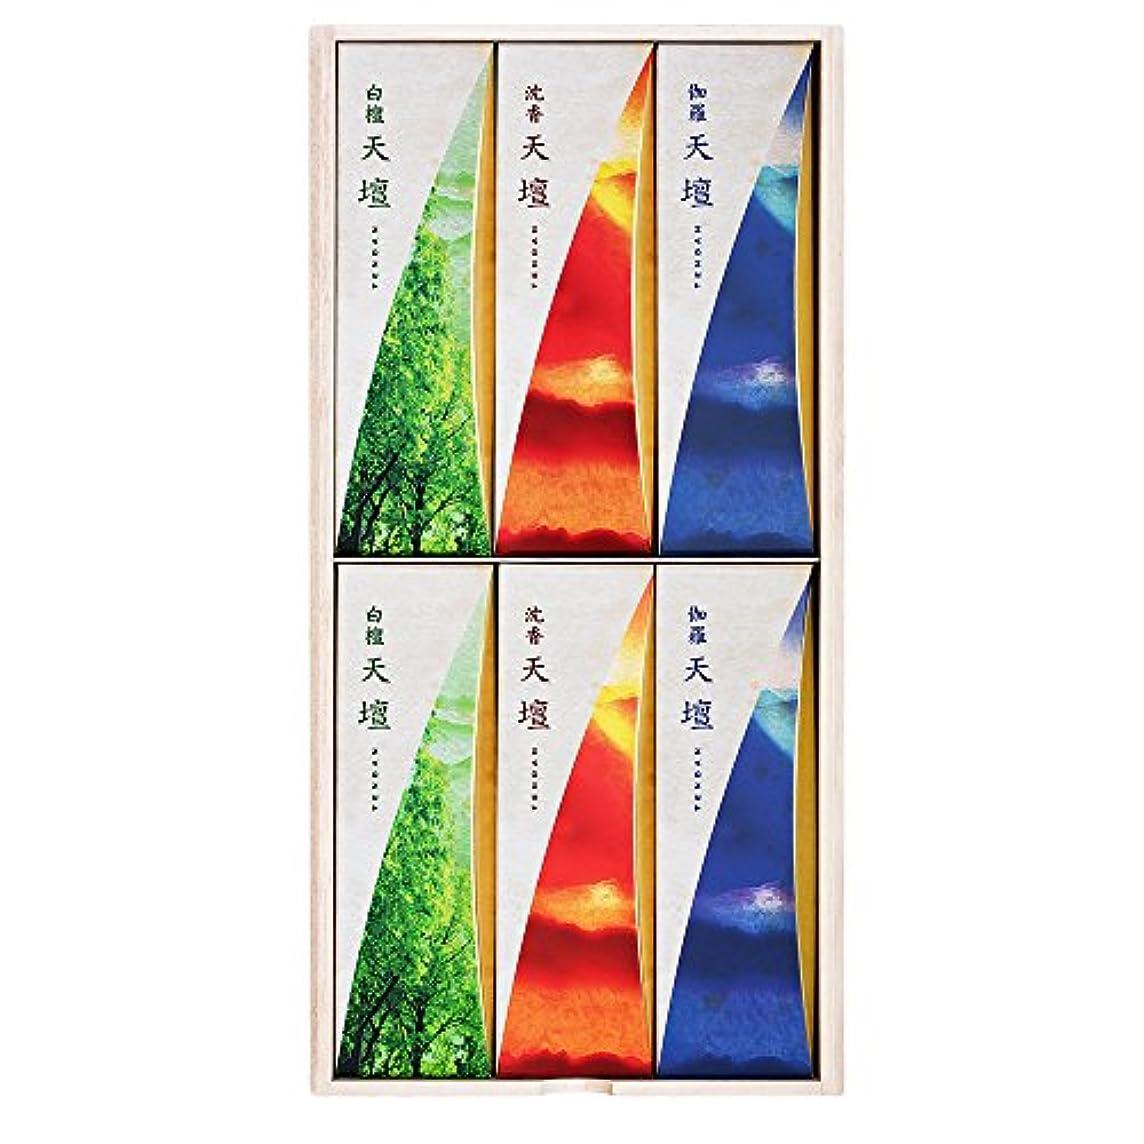 横に担保羊天壇進物5000 桐箱 包装品 (白檀の香り2箱、沈香の香り2箱、伽羅の香り2箱)